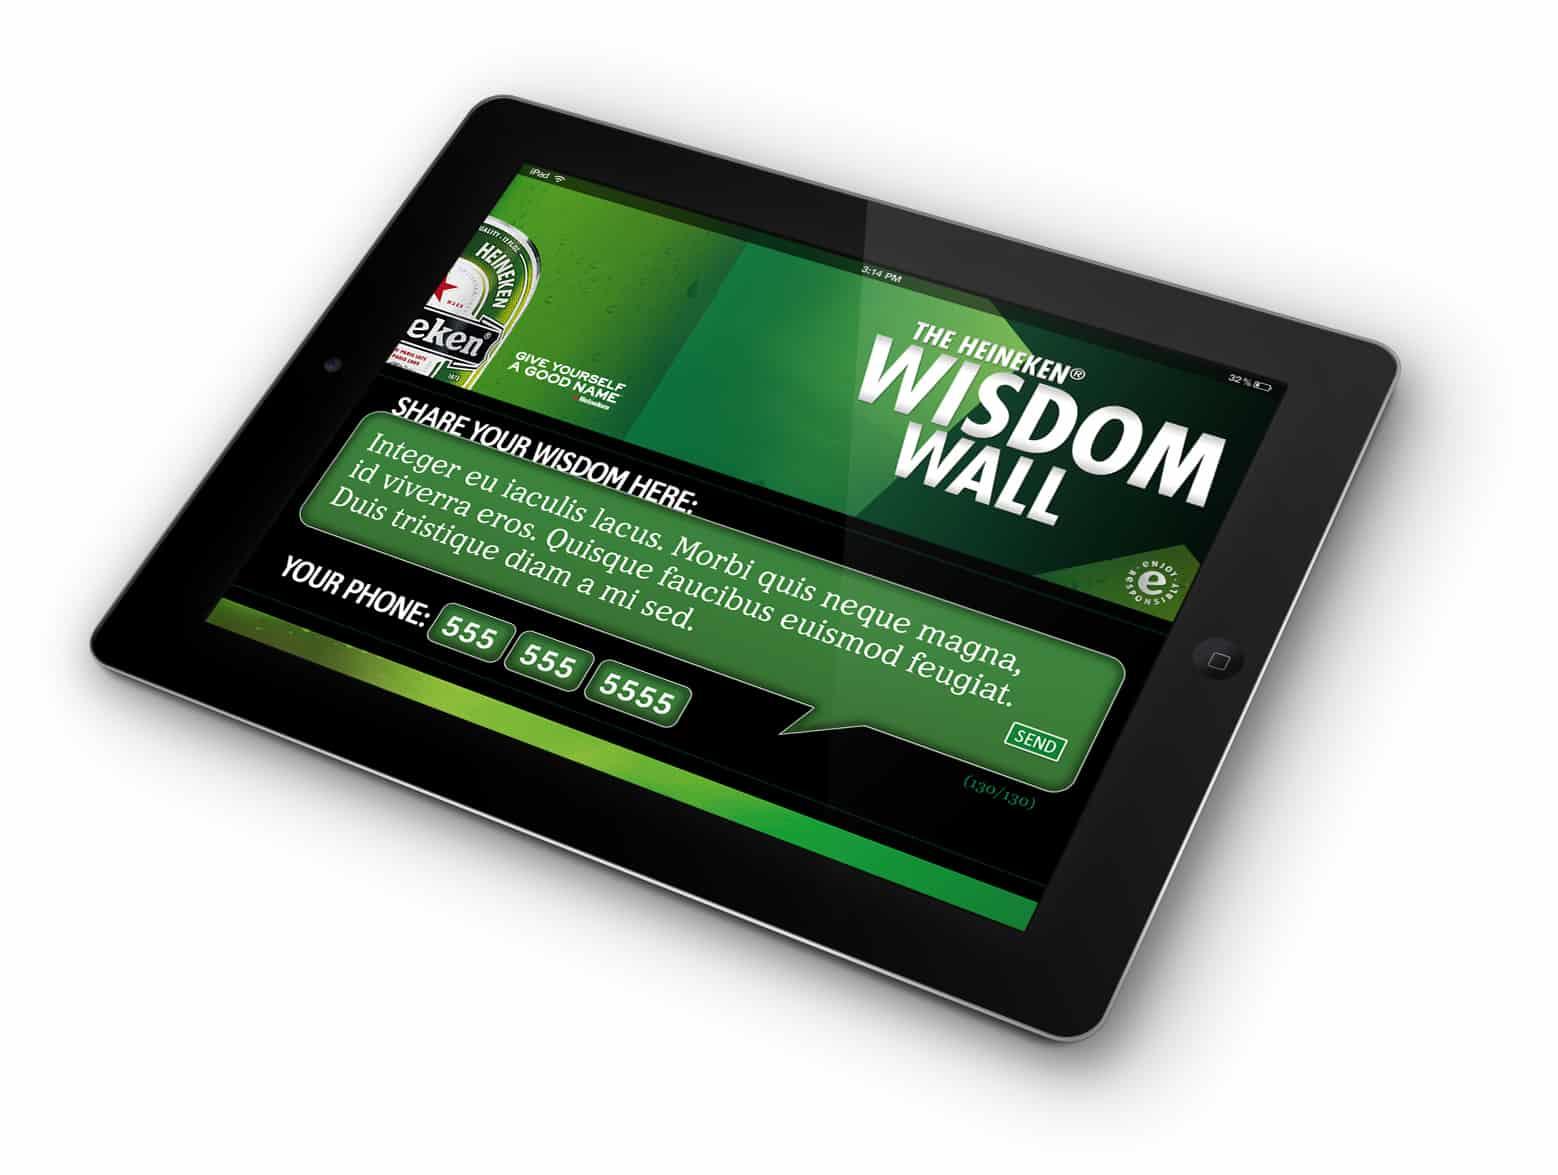 Heineken iPad app